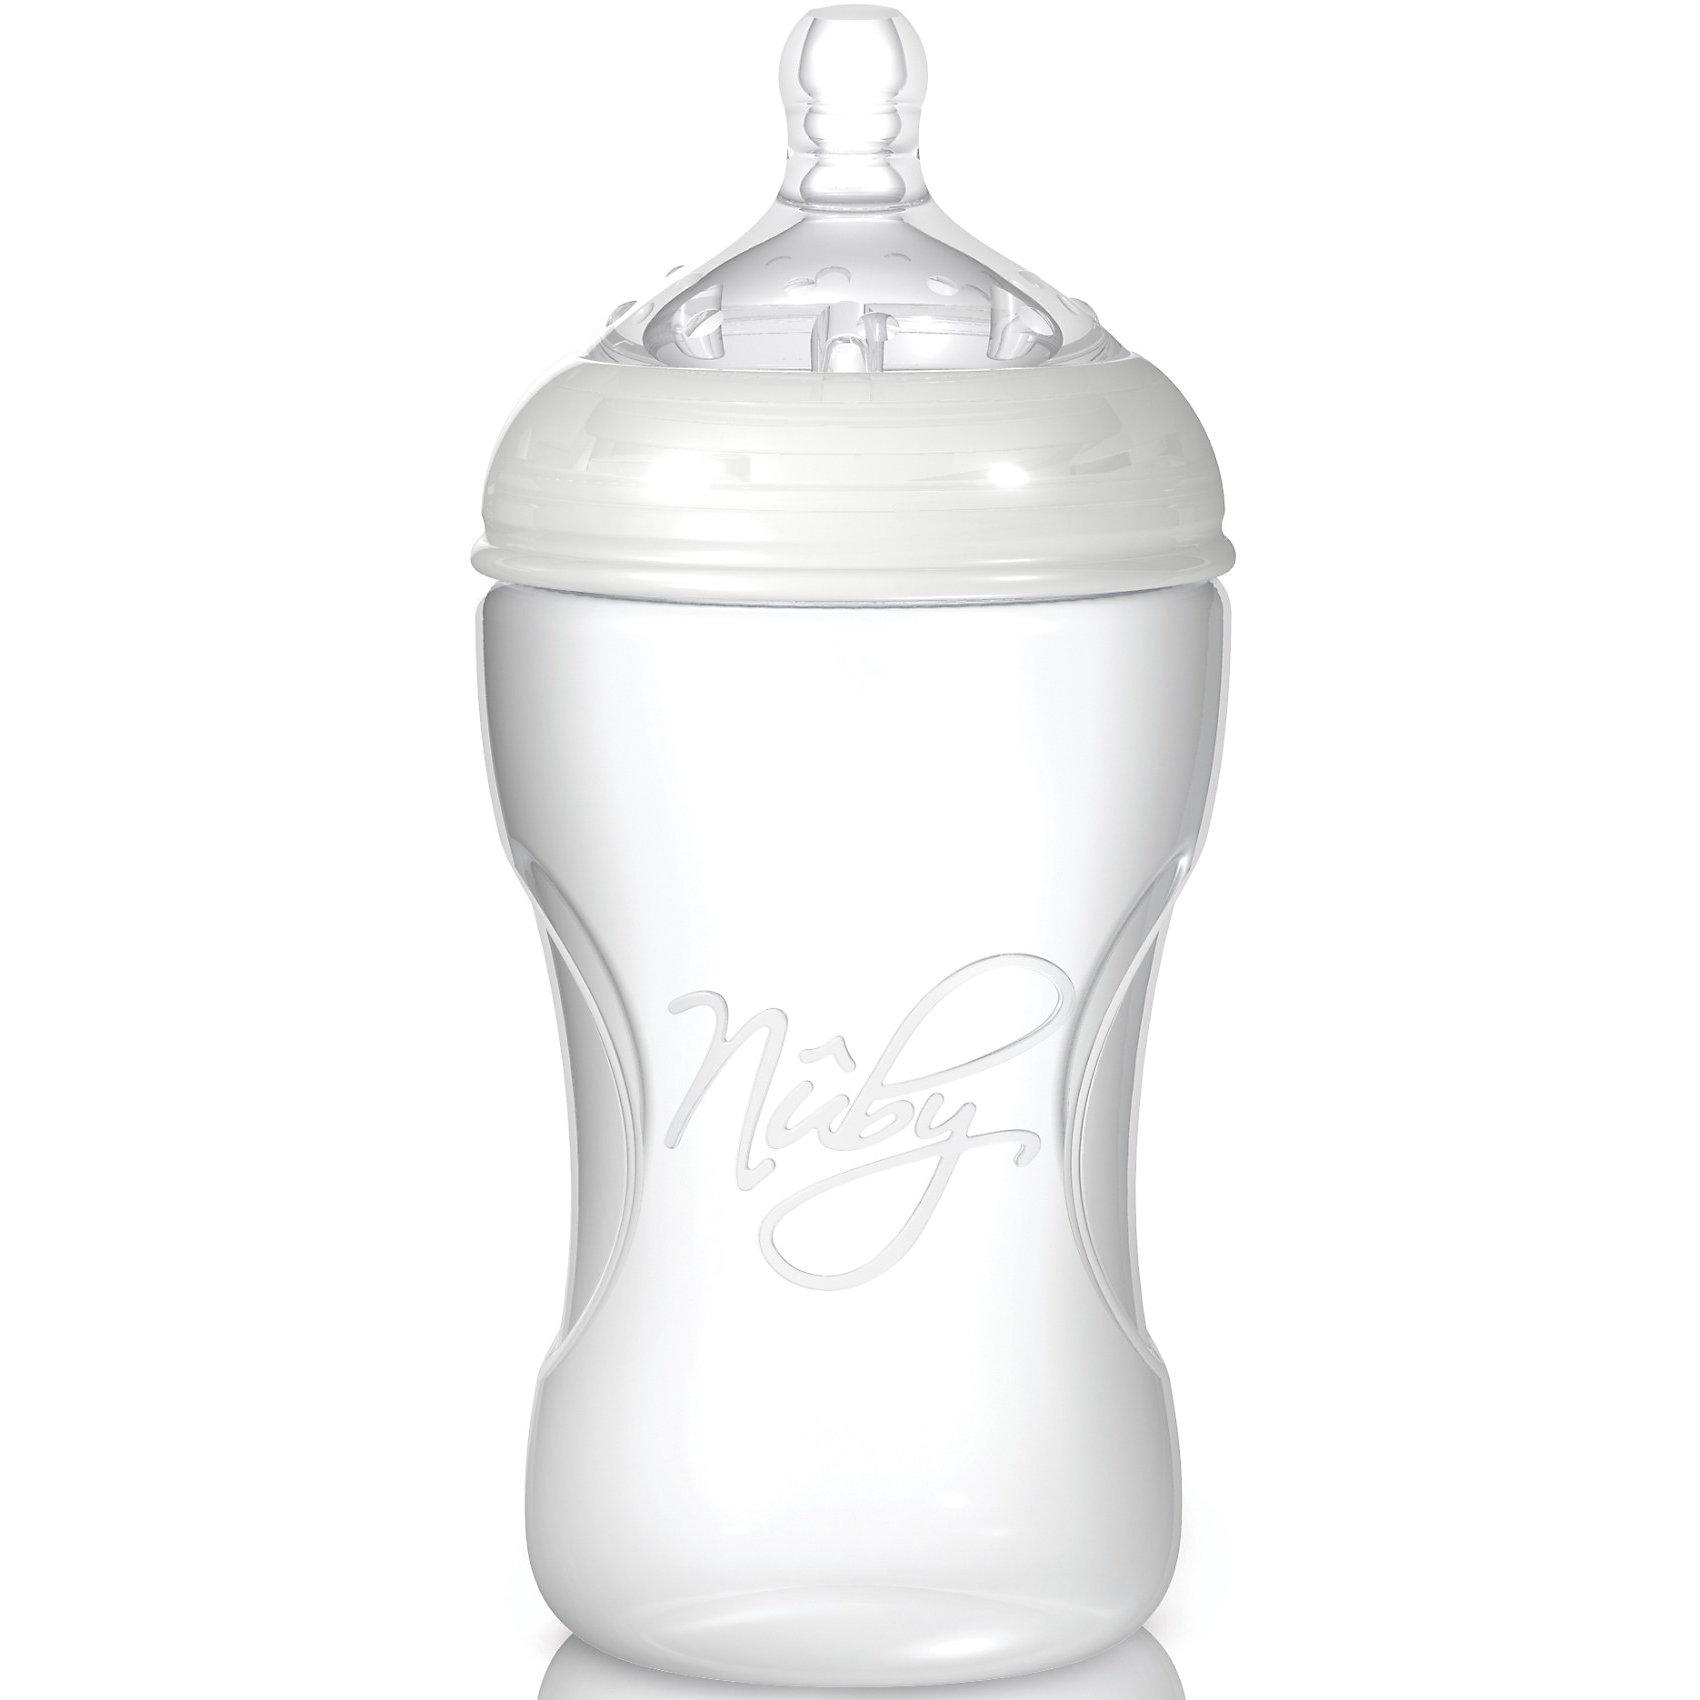 Бутылочка с широким горлышком Natural Touch, 300 мл, NubyНесоотнесенные<br>Эта прочная и практичная бутылочка с широким горлышком из полипропилена станет идеальным спутником малыша в первые годы его жизни. Бутылочка оснащена силиконовой соской Natural Touch размера M (грудное молоко, молоко, чай, сок) со средним потоком для детей от 3 месяцев.    Чрезвычайно мягкая соска с широким основанием повторяет форму и размеры материнской груди, а также имитирует ее движения во время кормления. Это позволяет чередовать кормление грудью и кормление из бутылочки. Маленькие шишечки на поверхности соски нежно стимулируют десны и облегчают процесс прорезывания зубов. Три специальных воздушных клапана Soft-Air независимо друг от друга регулируют циркуляцию воздуха в бутылочке, эффективно предотвращают возникновение колик и спазмов в животе.   <br>      <br>    <br>    - можно мыть в посудомоечной машине    <br>      <br>    <br>    - можно дезинфицировать в паровом или микроволновом стерилизаторе  <br>      <br>    <br>    - широкое горлышко для легкого наполнения и очистки бутылочки  <br>      <br>    <br>    - защитный колпачок-непроливайка  <br>      <br>    <br>    - с соской размером M для детей в возрасте от 3 месяцев  <br>      <br>    <br>    - емкость: 300 мл.    <br>      <br>    <br>    Можно комбинировать с линейкой сосок и бутылочек Nuby Natural Touch Soft-Flex.    <br>      <br>    <br>    В соответствии с ДИРЕКТИВОЙ 2011/8/ЕС КОМИССИИ от 28 января 2011 бутылочки Natural Touch не содержат бисфенол А.<br><br>Ширина мм: 180<br>Глубина мм: 80<br>Высота мм: 80<br>Вес г: 115<br>Возраст от месяцев: 3<br>Возраст до месяцев: 24<br>Пол: Унисекс<br>Возраст: Детский<br>SKU: 1860005